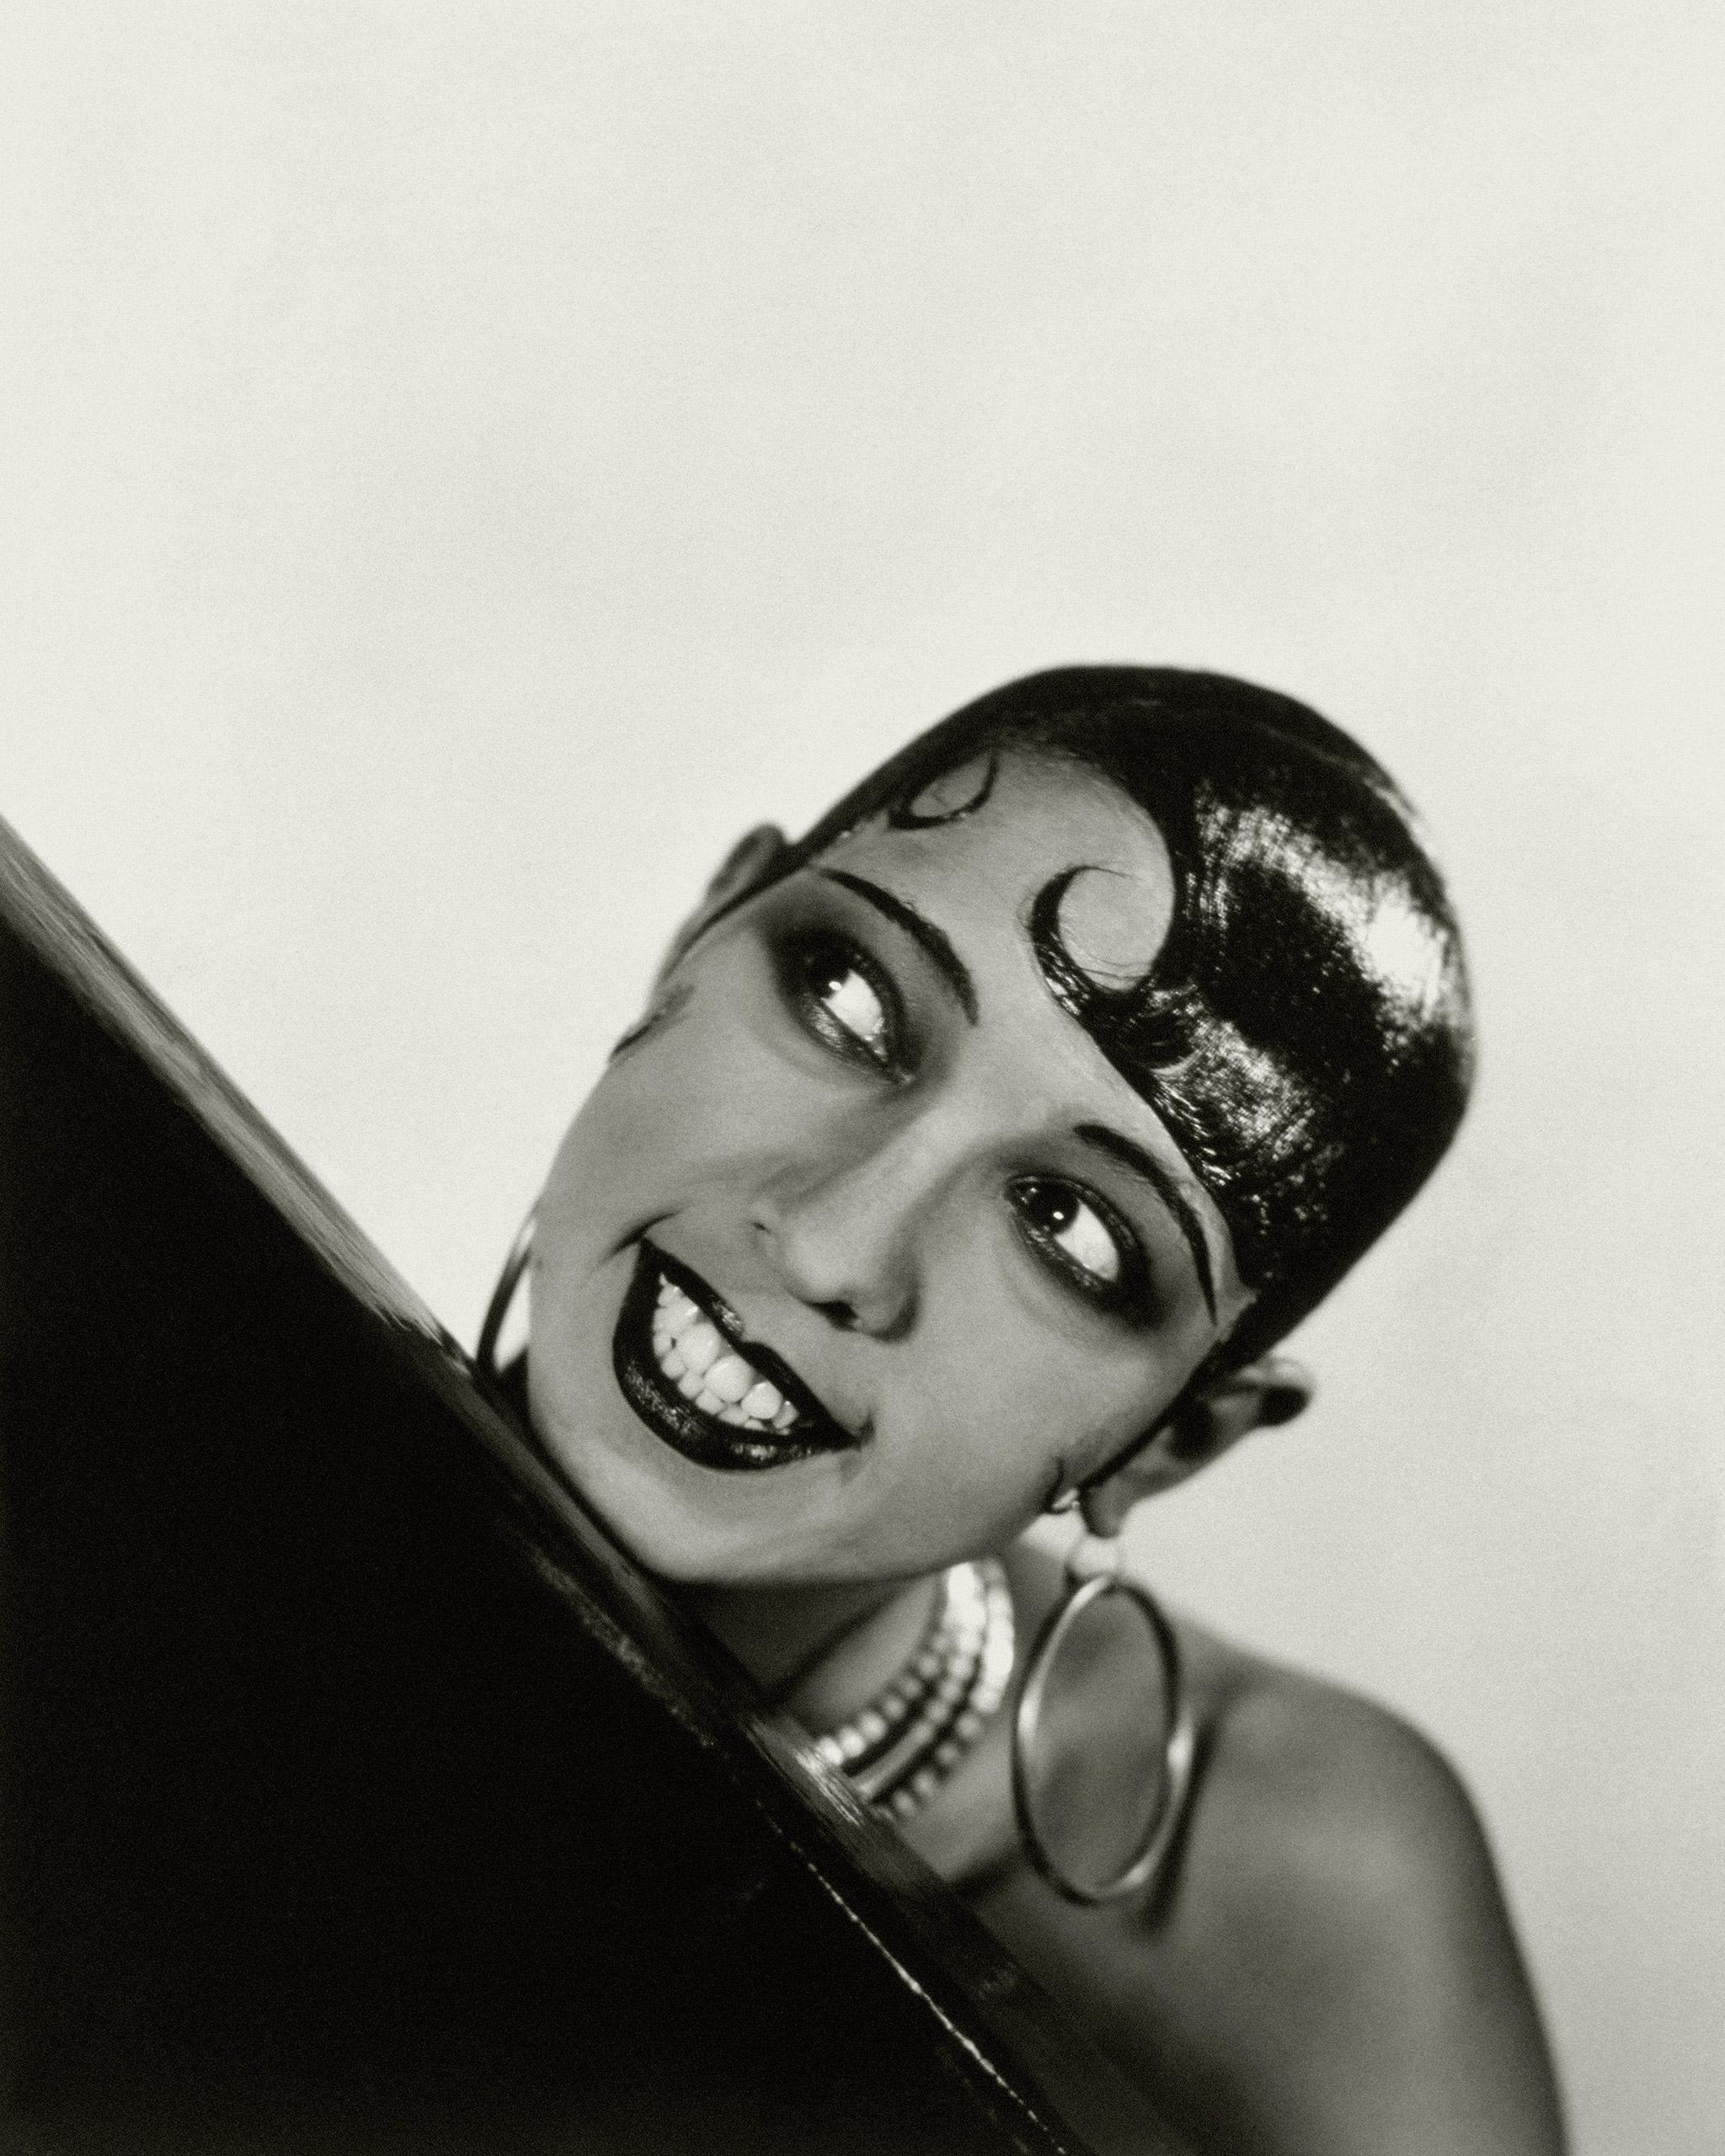 Josephine Baker, circa 1927, wearing large hoop earrings.